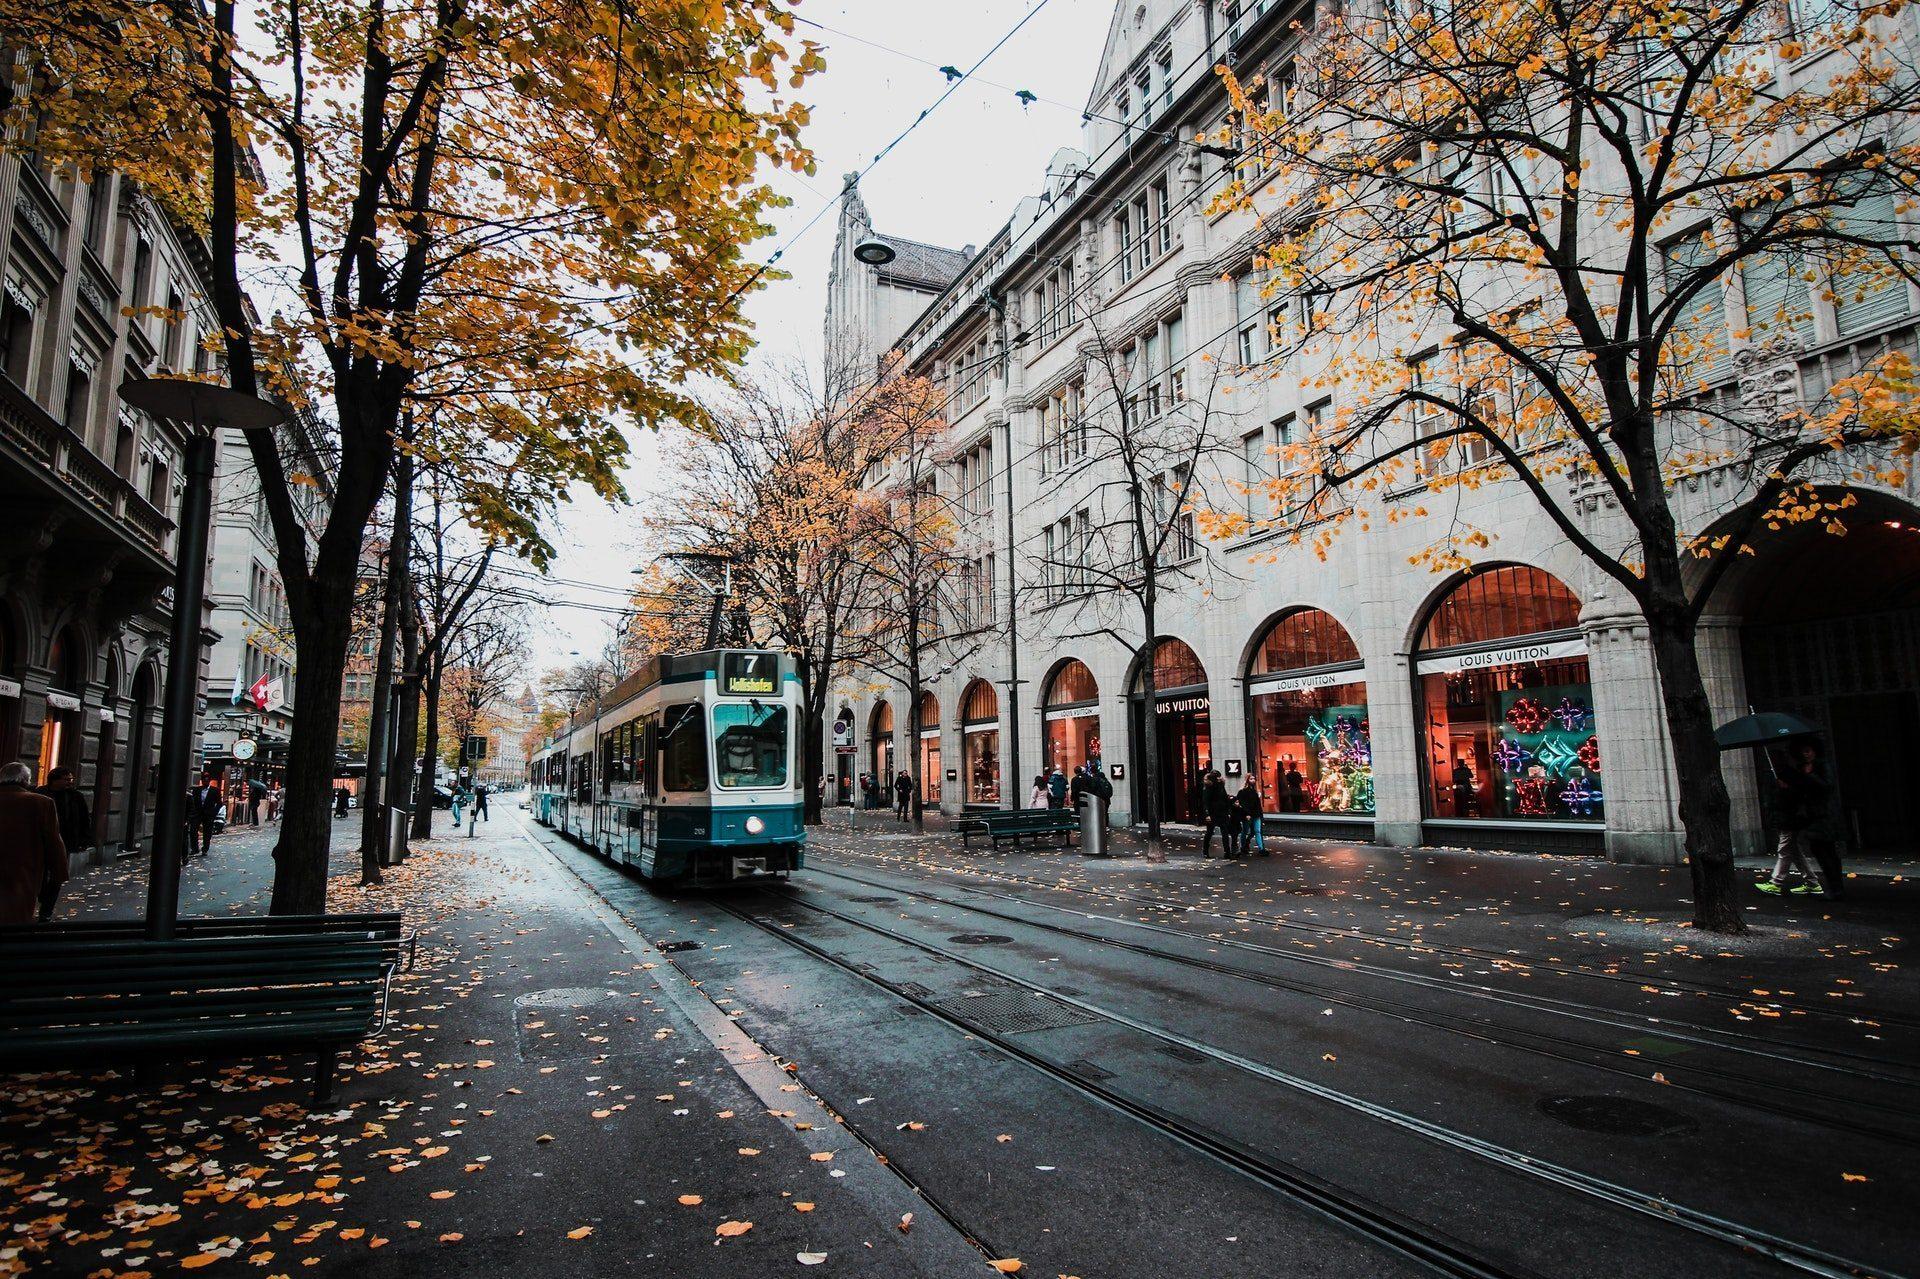 Verkauf in die Schweiz als deutscher Online-Händler